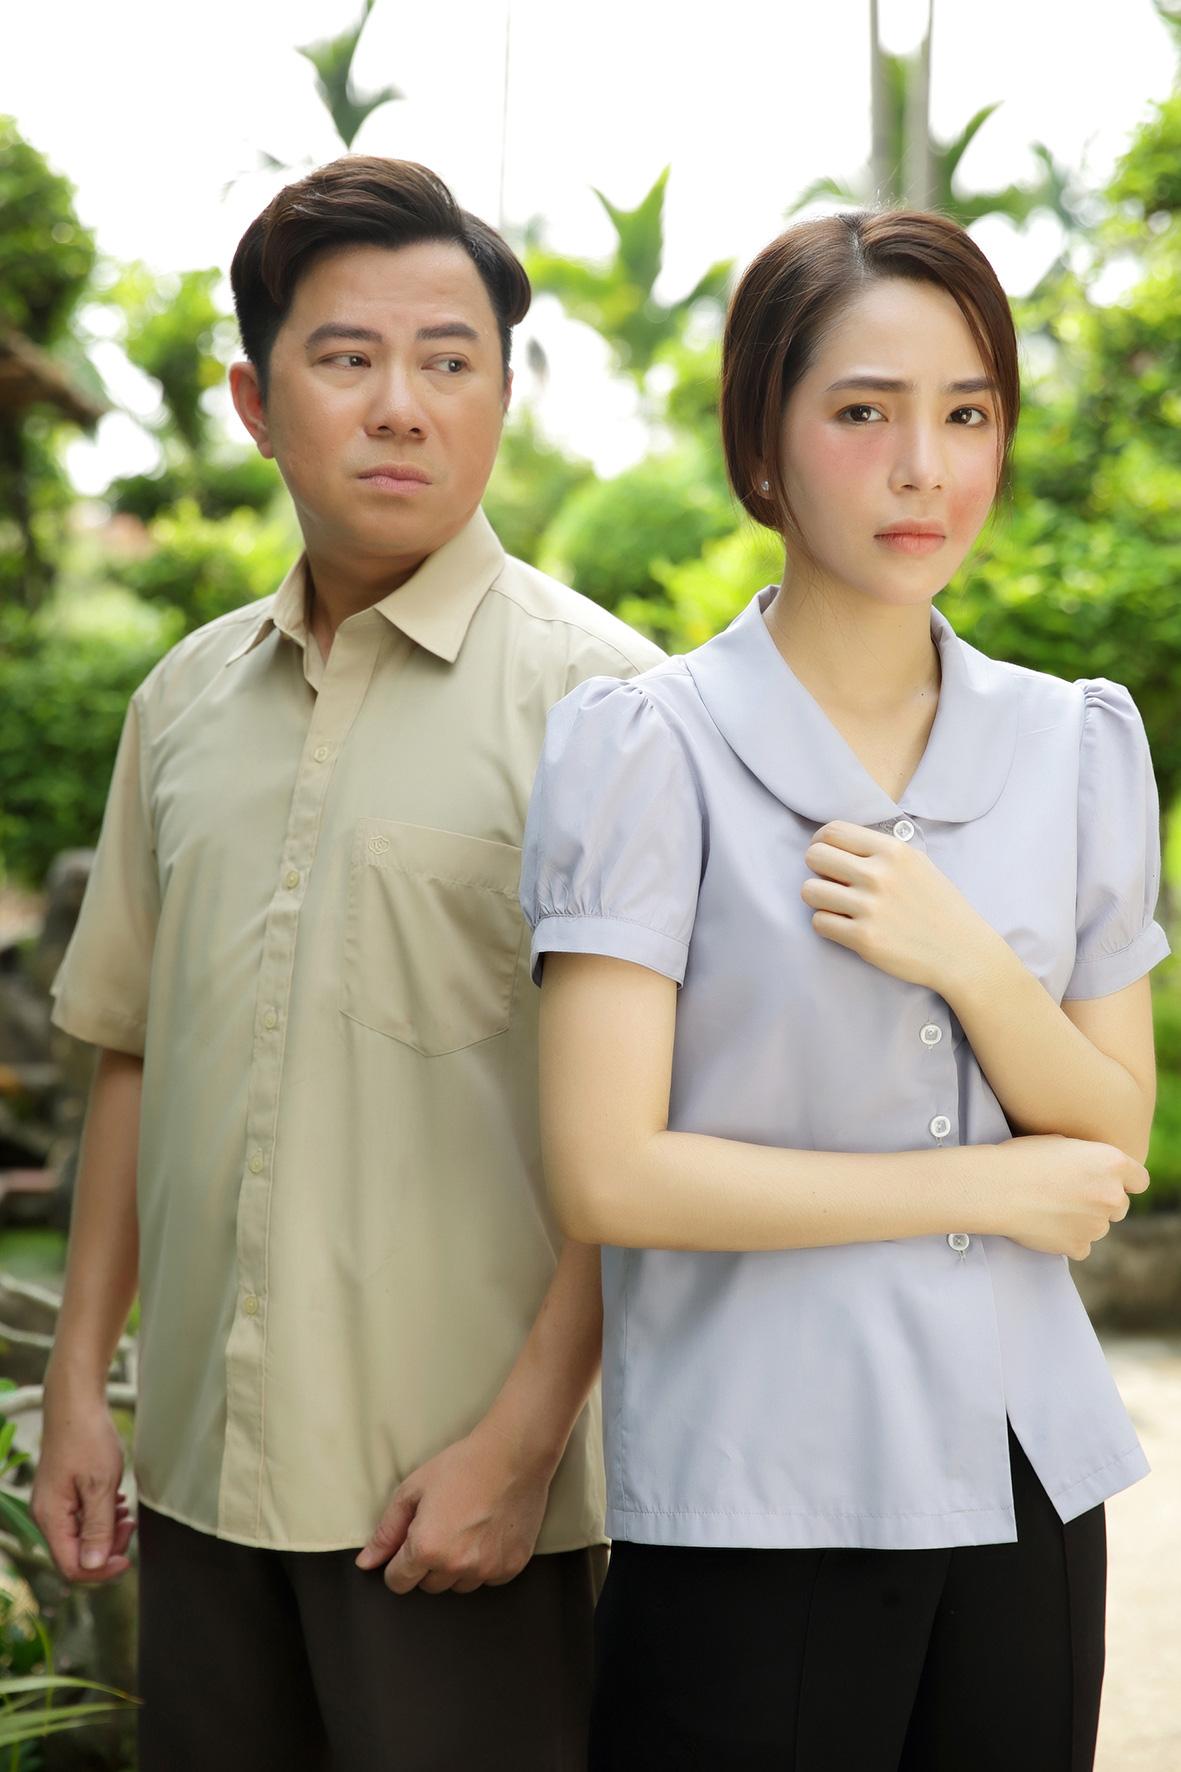 Dương Kim Ánh tung trailer phim ca nhạc kết hợp cùng Quốc Đại - Ảnh 3.